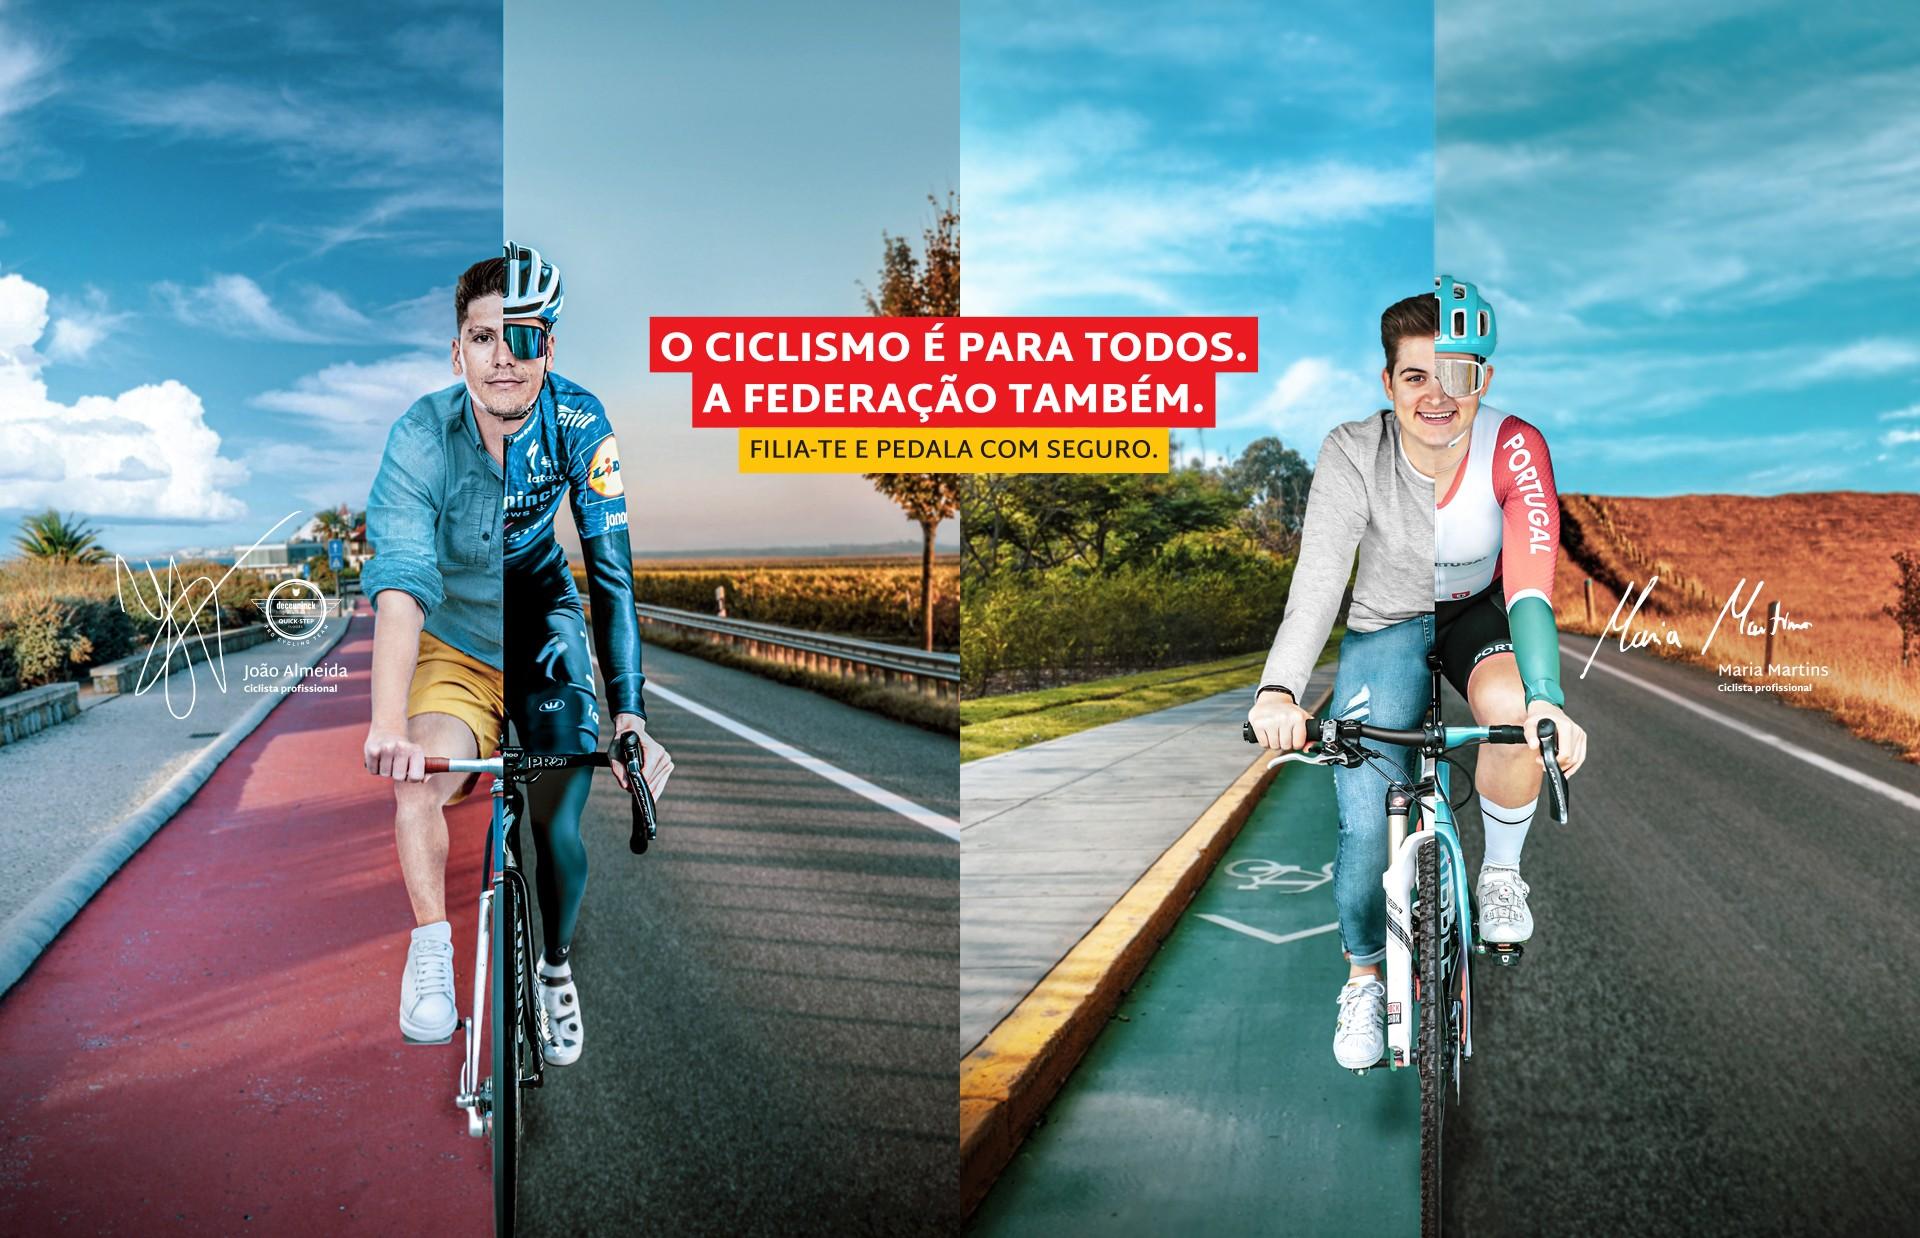 João Almeida e Maria Martins convidam portugueses a pedalar em segurança